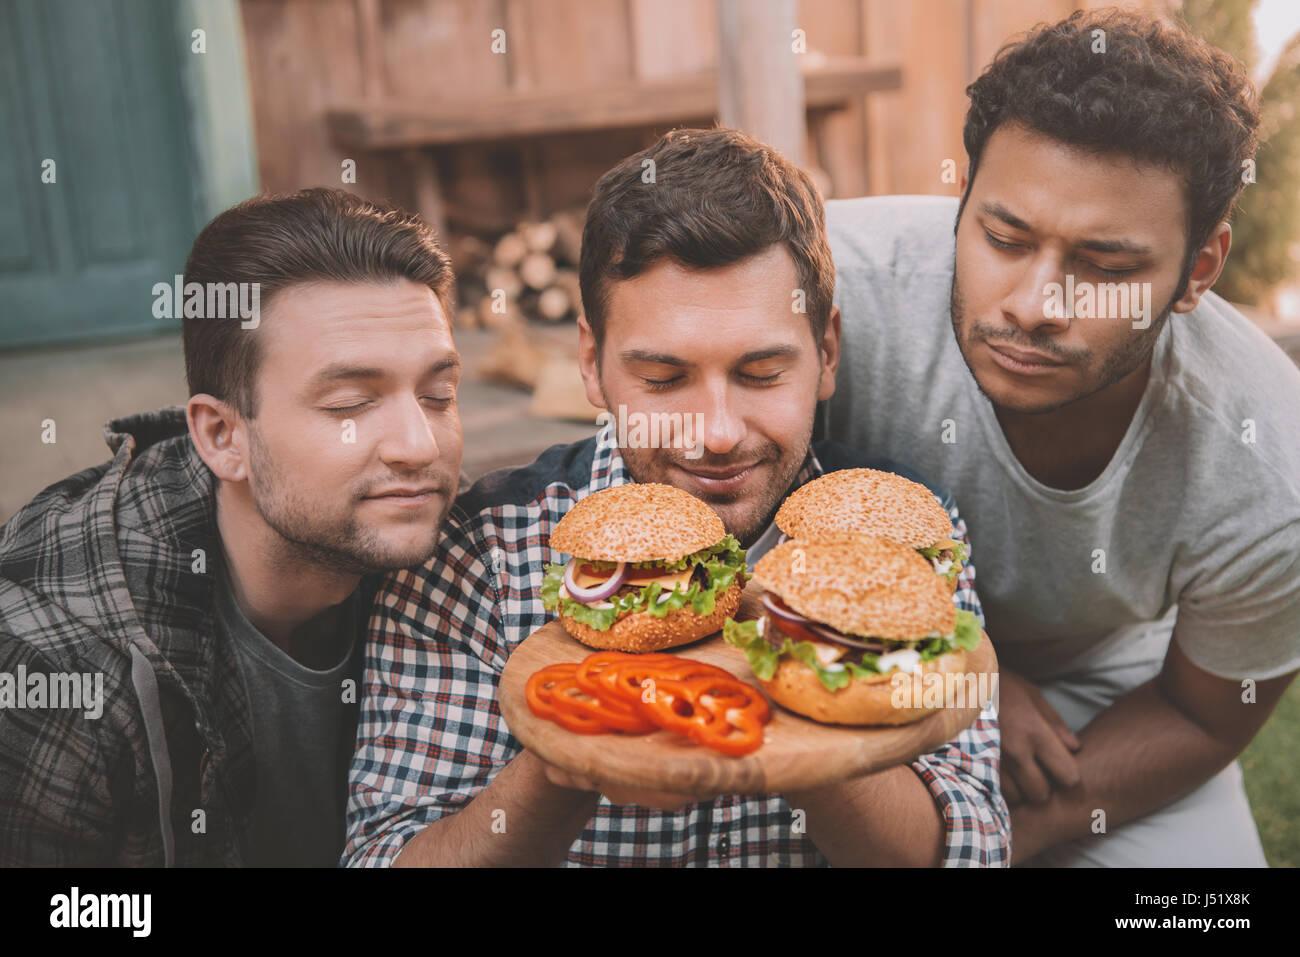 Tre giovani uomini con gli occhi chiusi lo sniffing freschi hamburger fatti in casa Immagini Stock